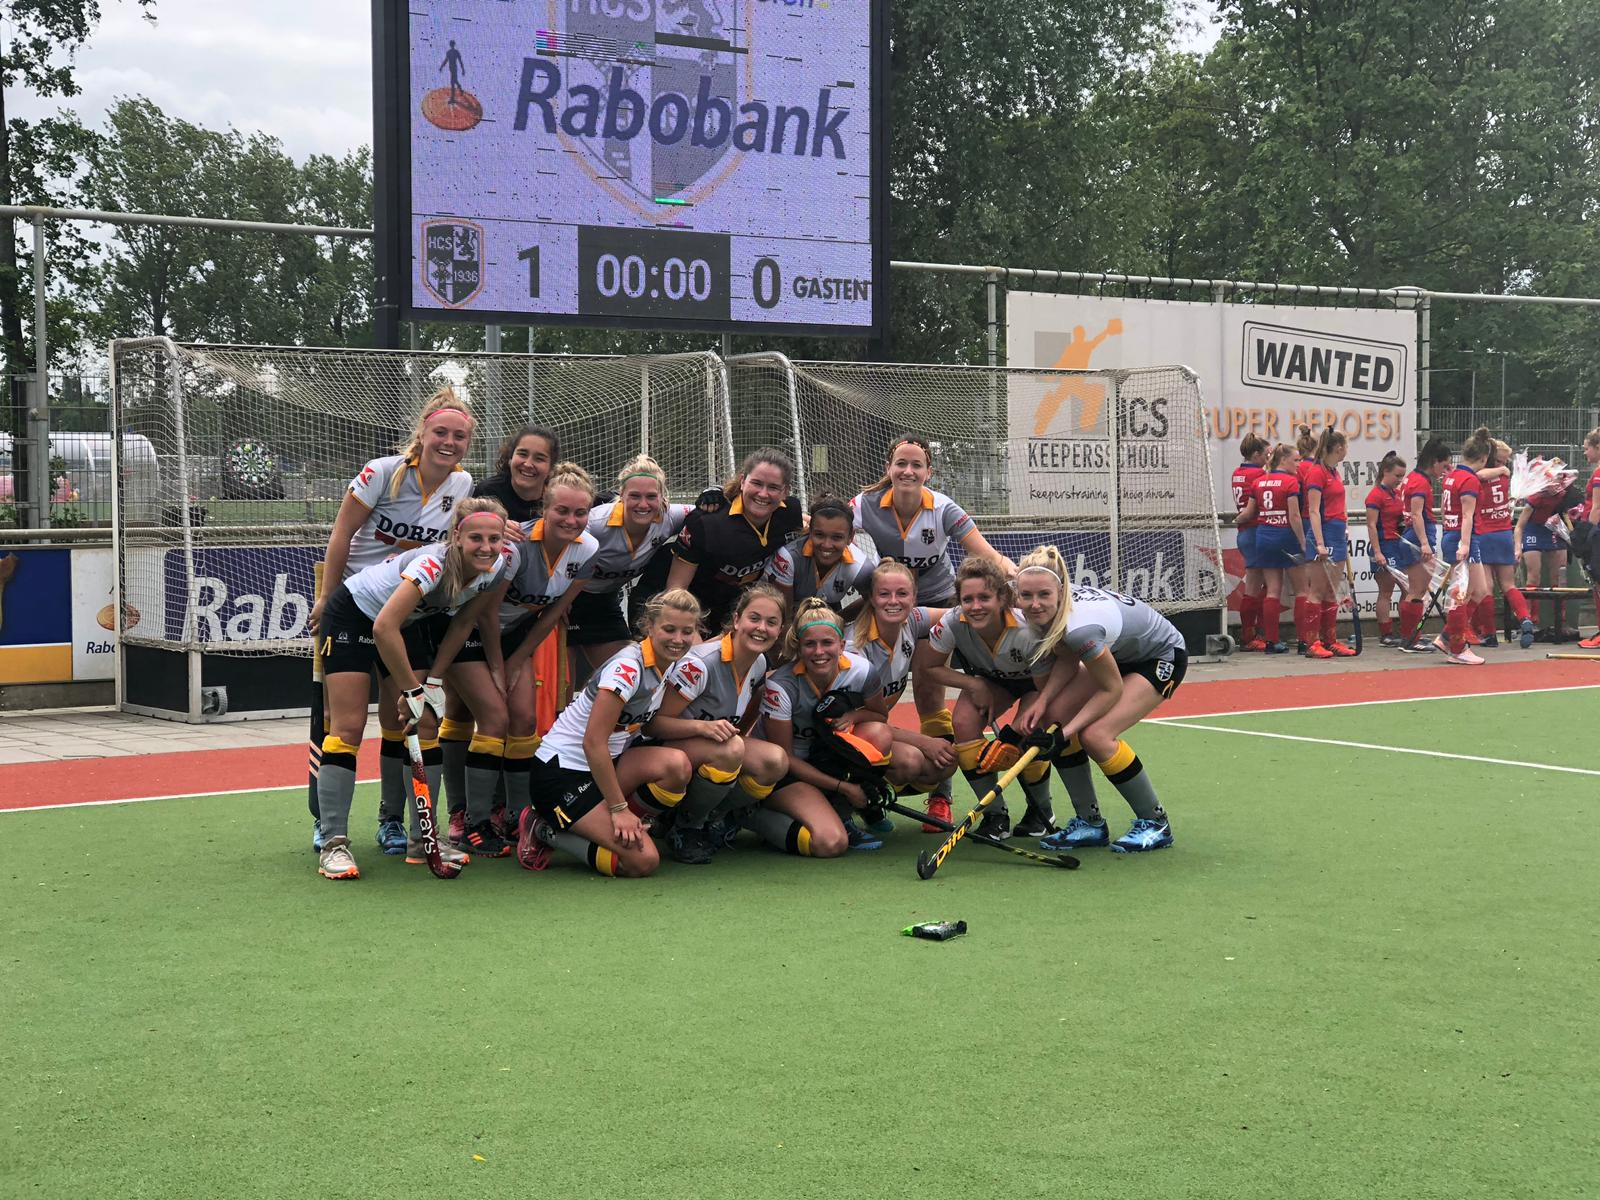 HCS-dames winnen laatste wedstrijd